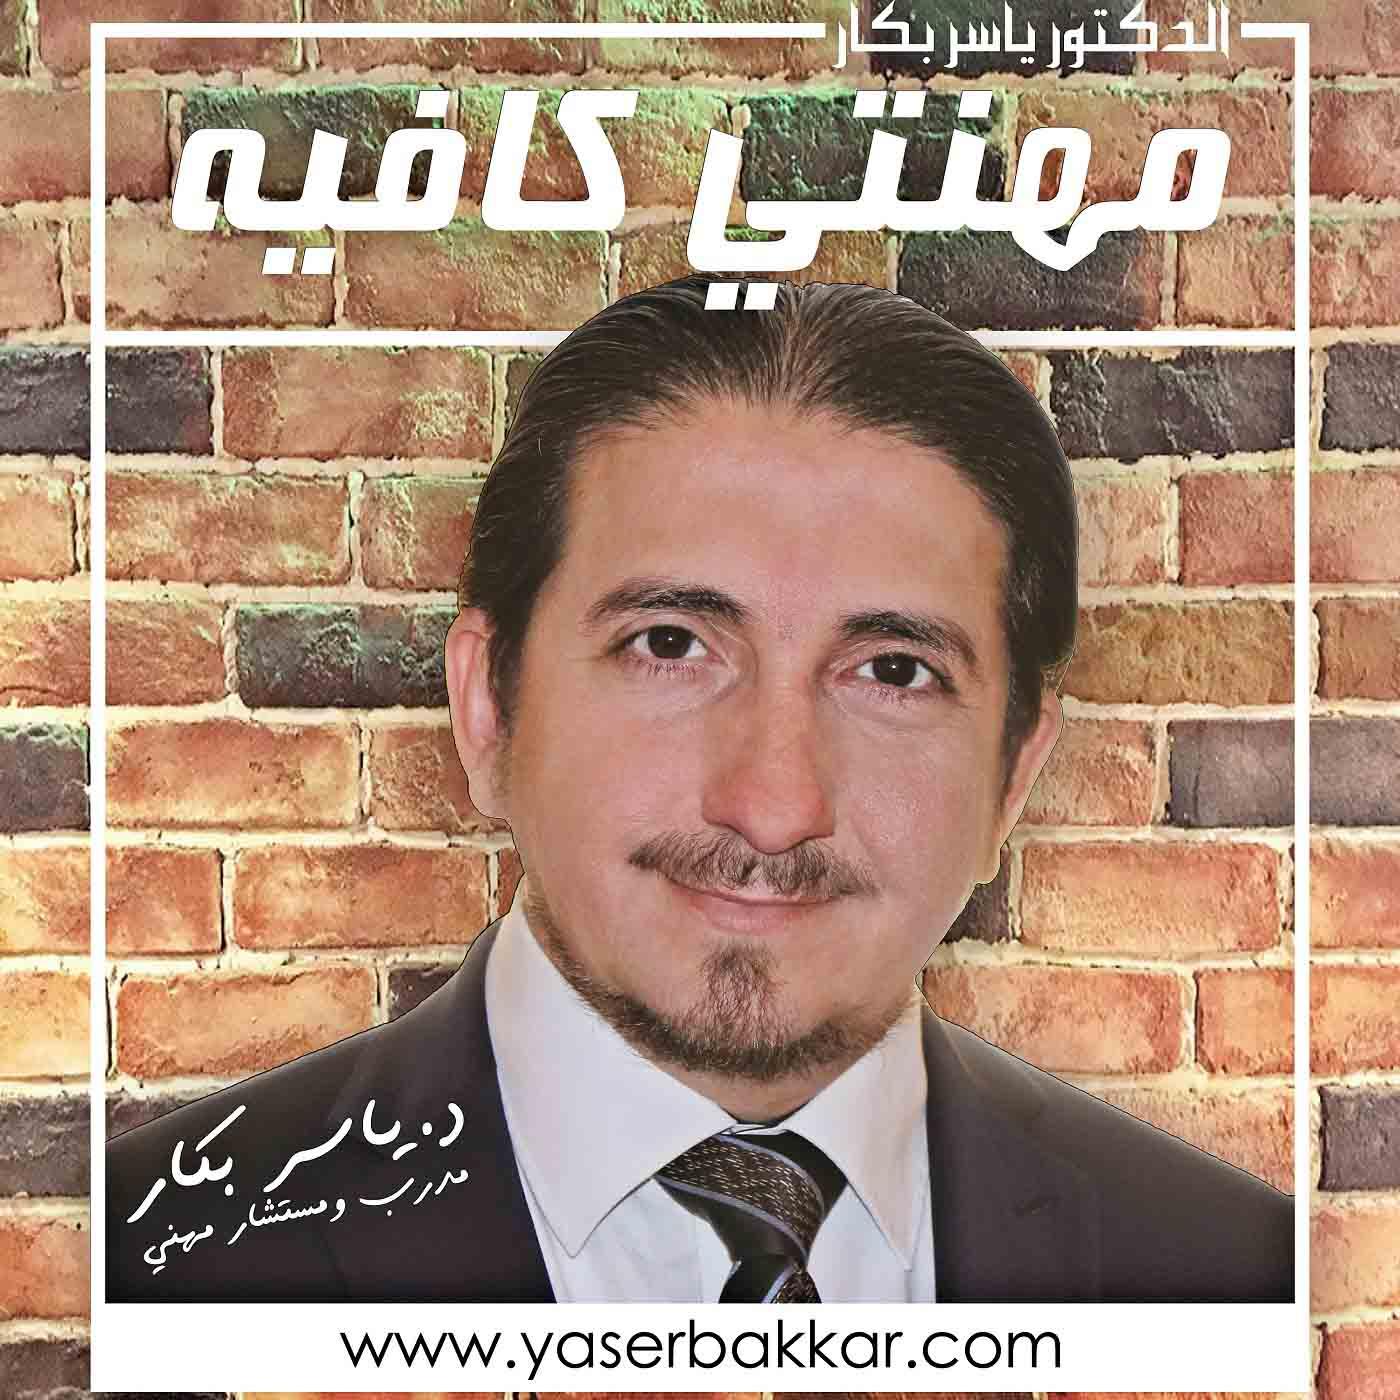 مهنتي كافيه - د. ياسر بكار